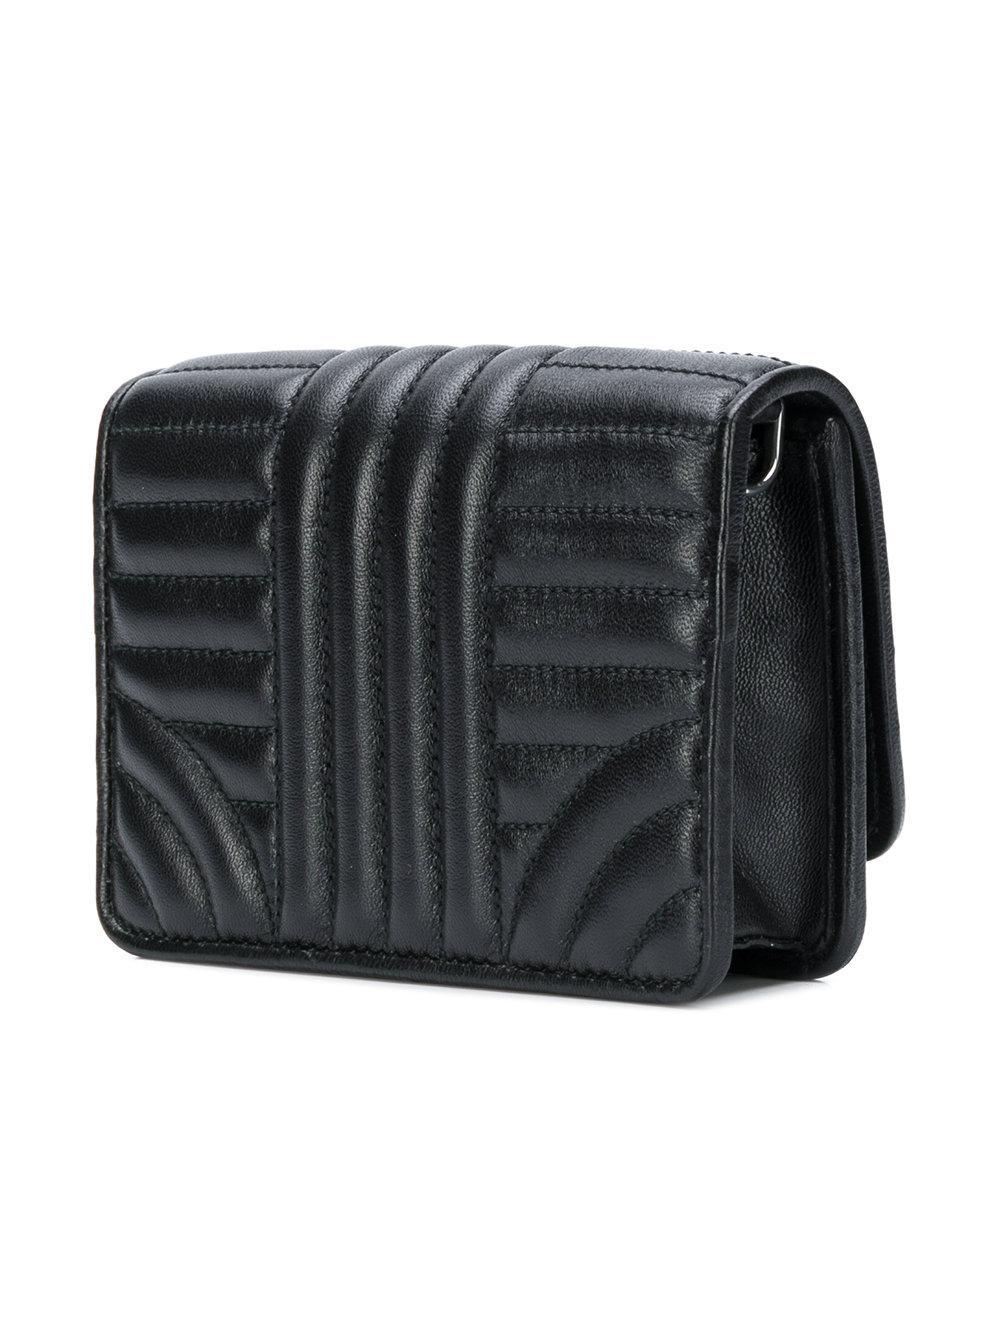 cf3dc8e06441 Prada Logo Quilted Shoulder Bag in Black - Lyst